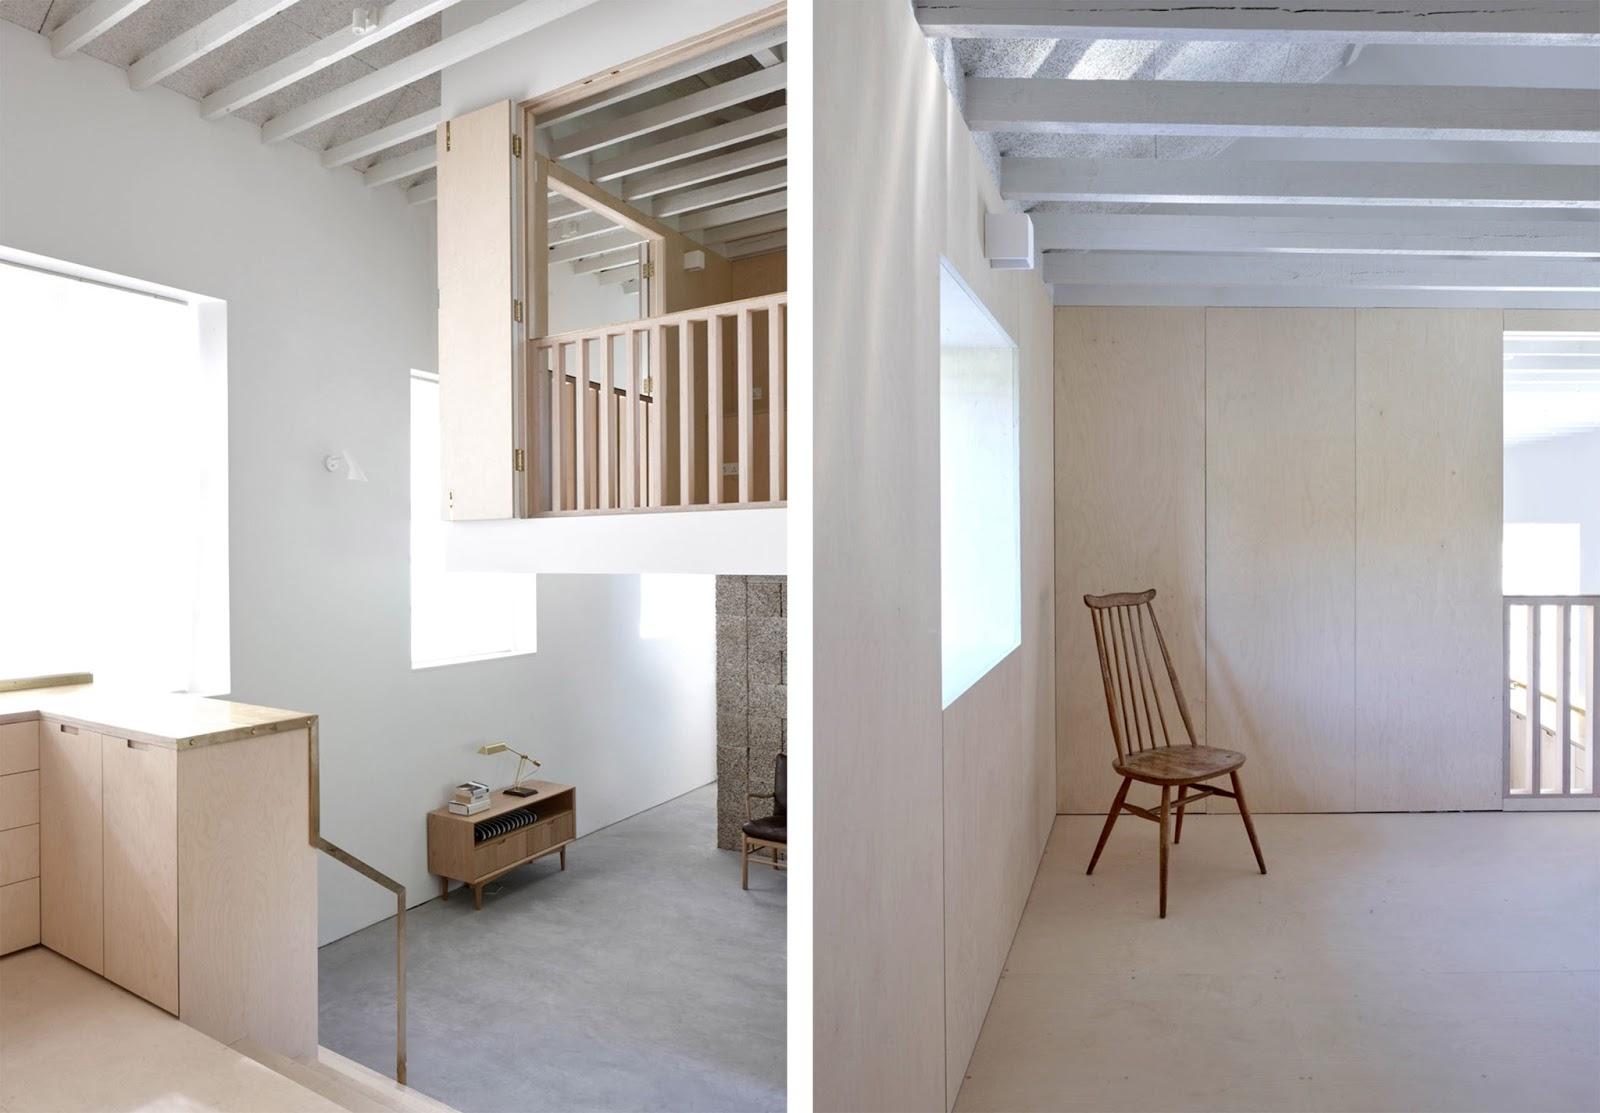 Loft con camera soppalco e cucina su misura by mclaren for Piani casa a basso reddito